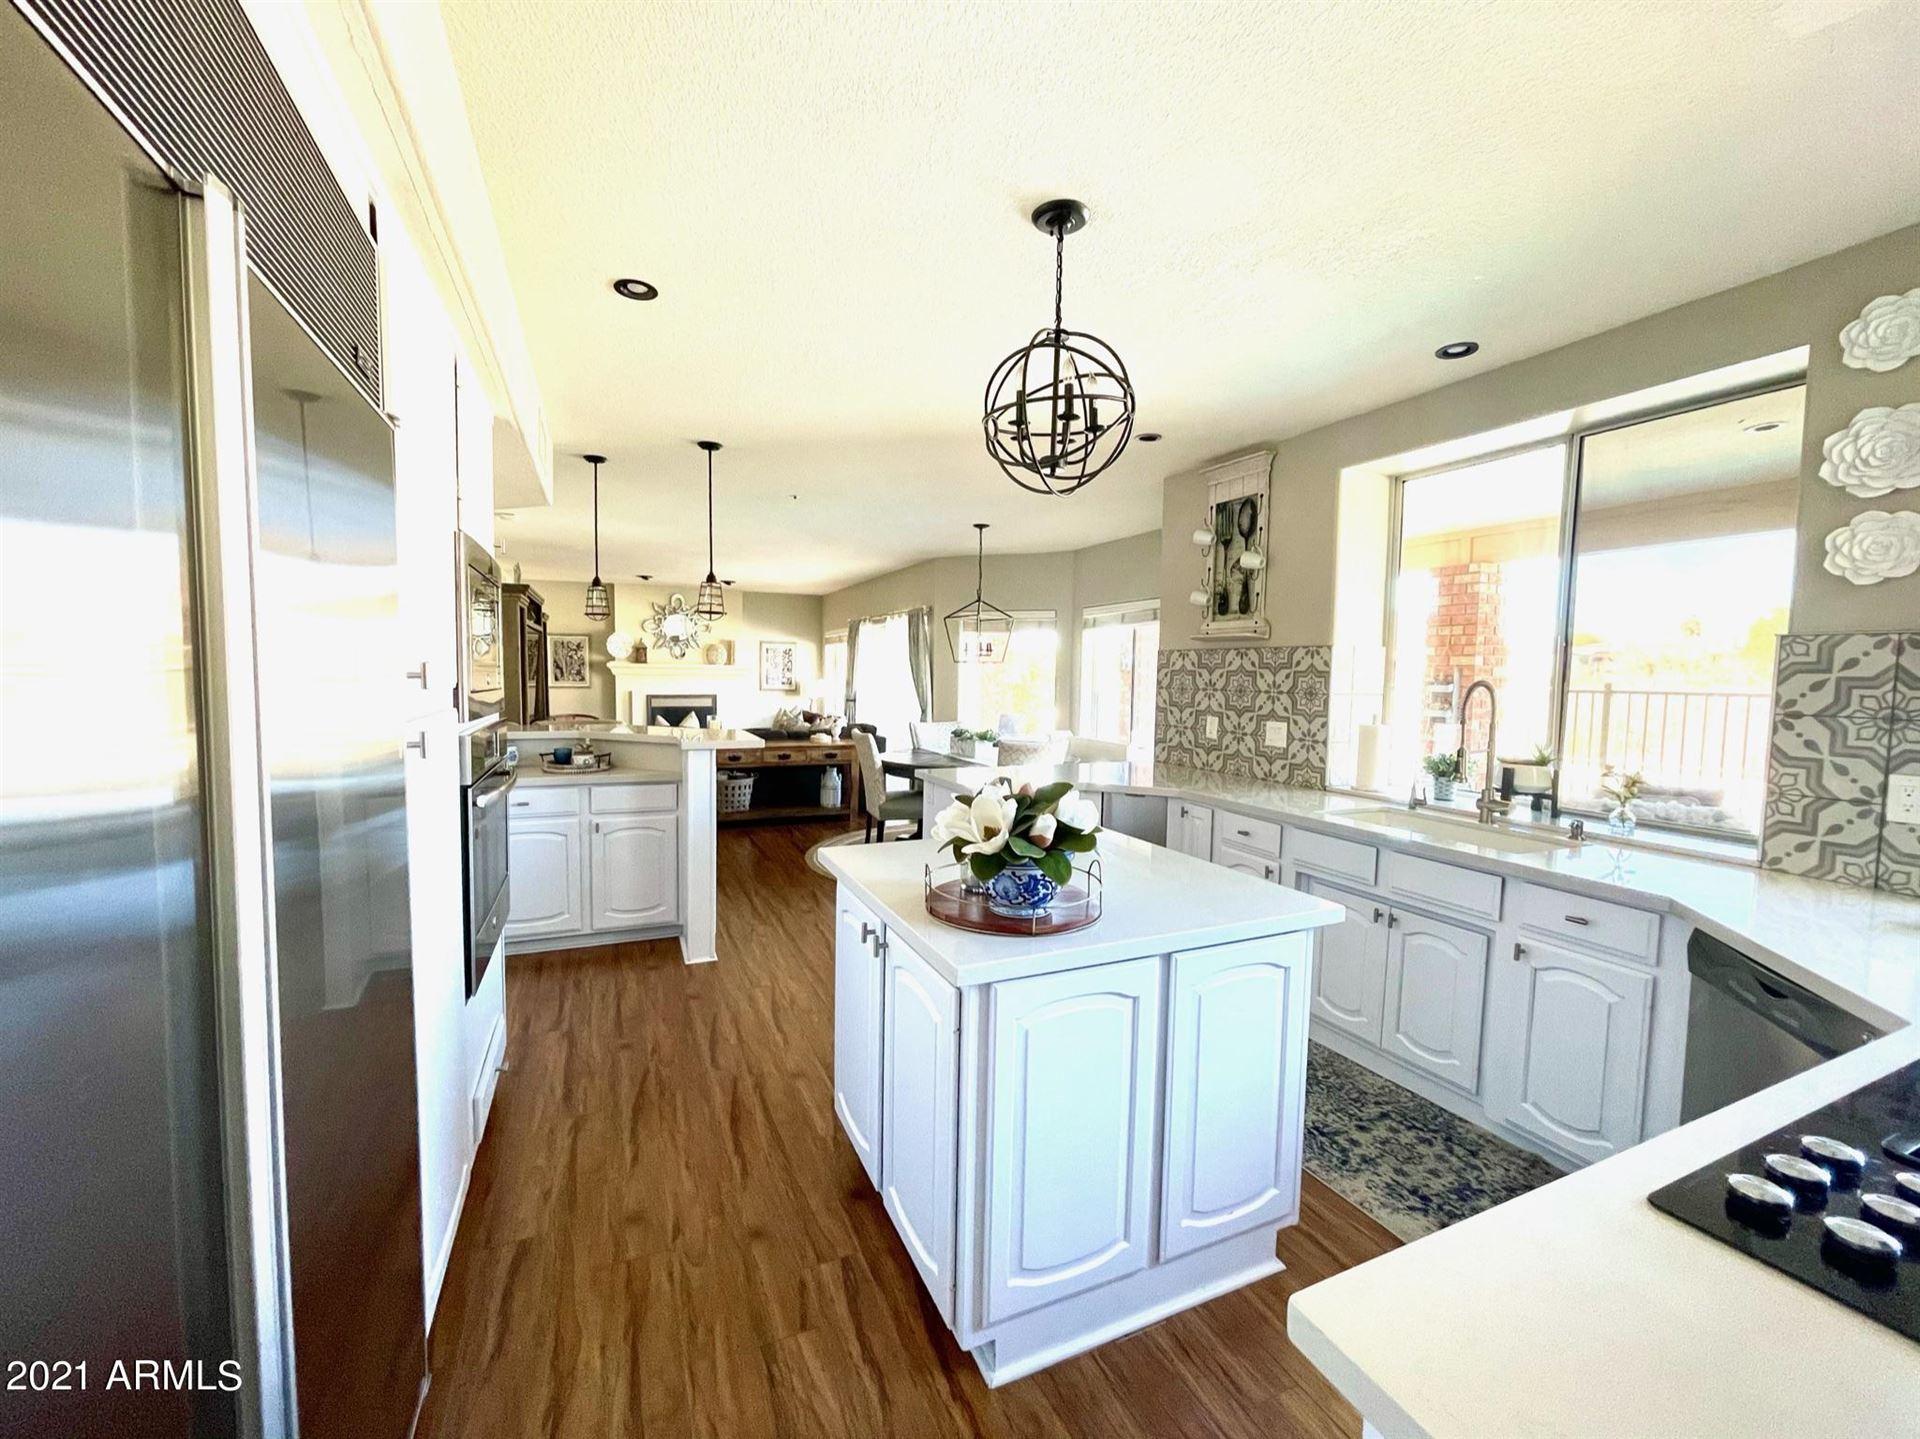 11025 N 130TH Way, Scottsdale, AZ 85259 - #: 6196789